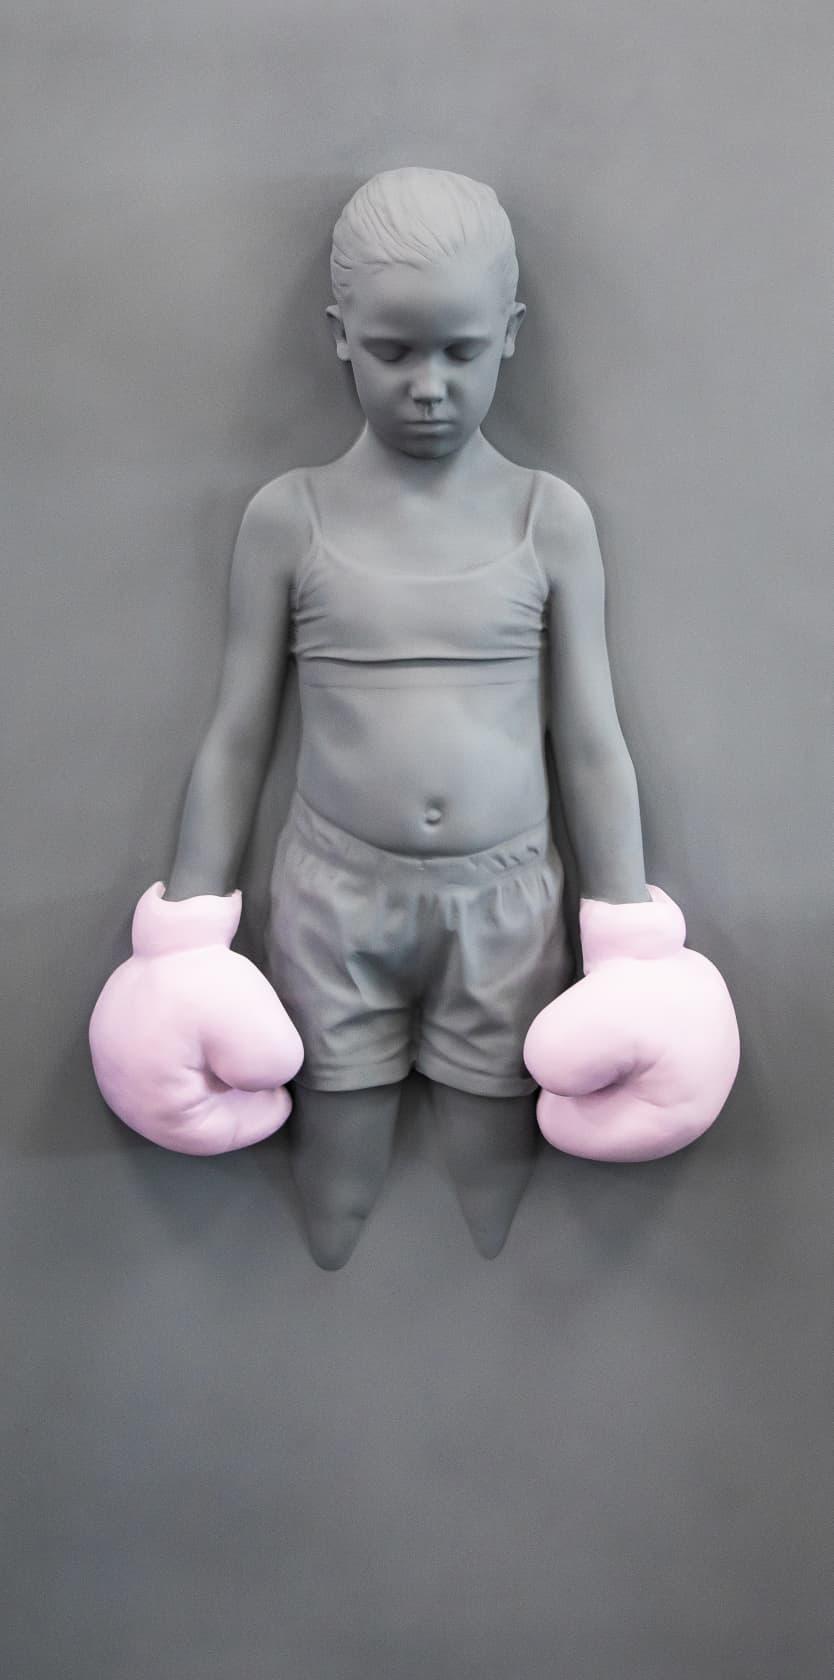 Schoony, Panel Bruiser (Pink Gloves), 2020